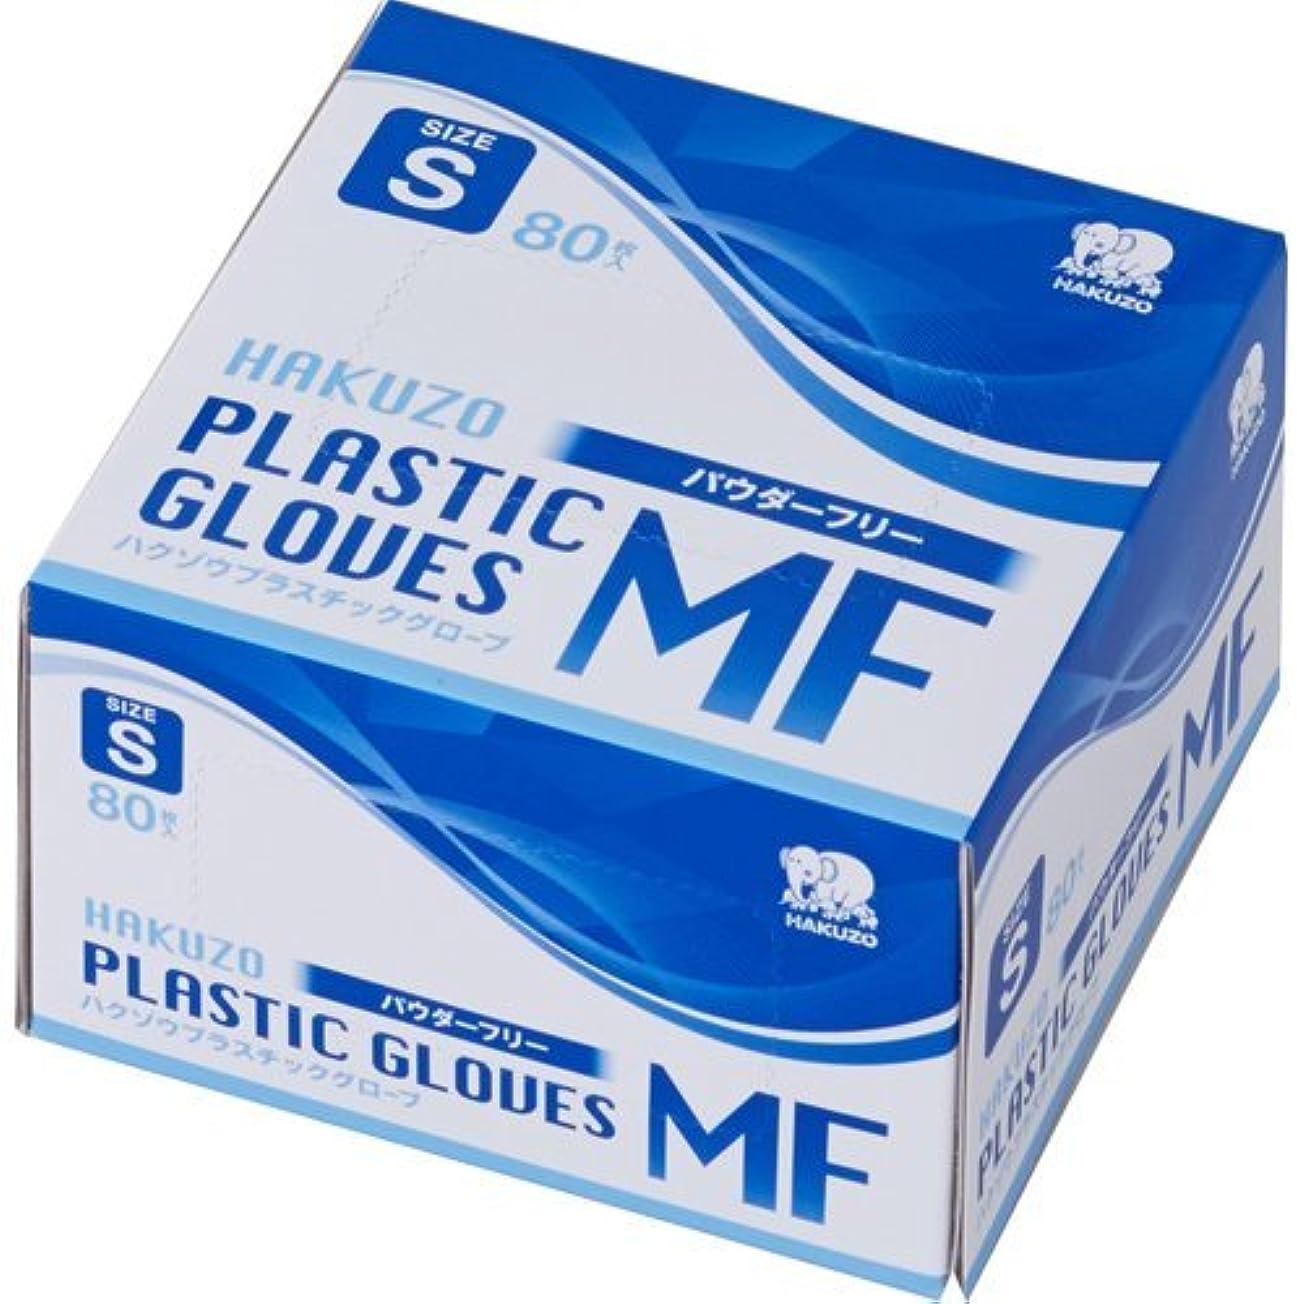 住居想像するシンプルさハクゾウメディカル ハクゾウ プラスチックグローブMF パウダーフリー Sサイズ 80枚入